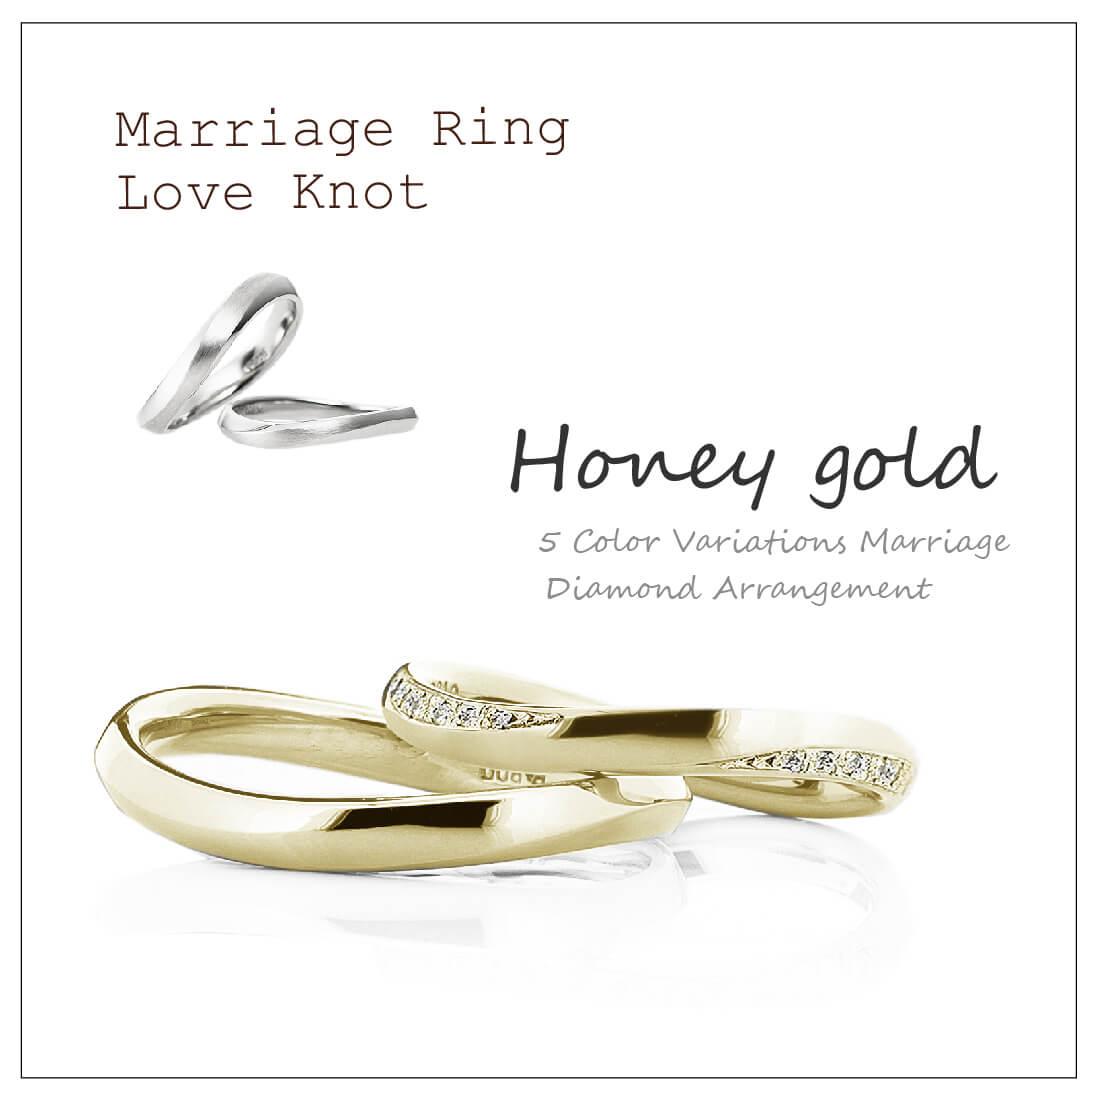 ウエーブのペアの結婚指輪です。2本ともはちみつのような色のハニーゴールドで、レディースはメレダイヤを2面に並べたアレンジです。